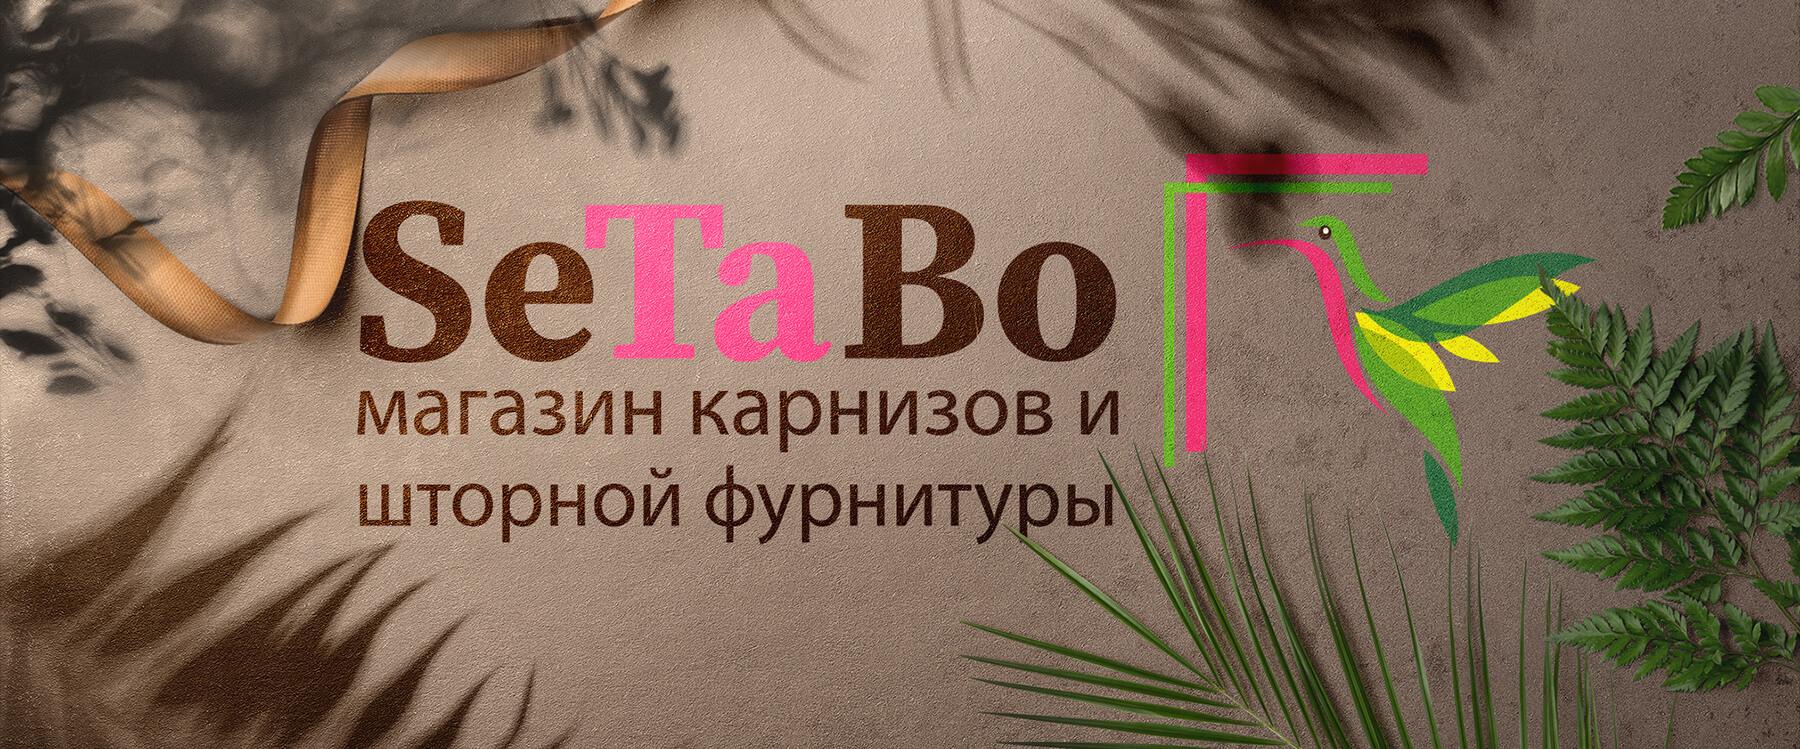 SeTaBo: логотип и фирменный стиль 3